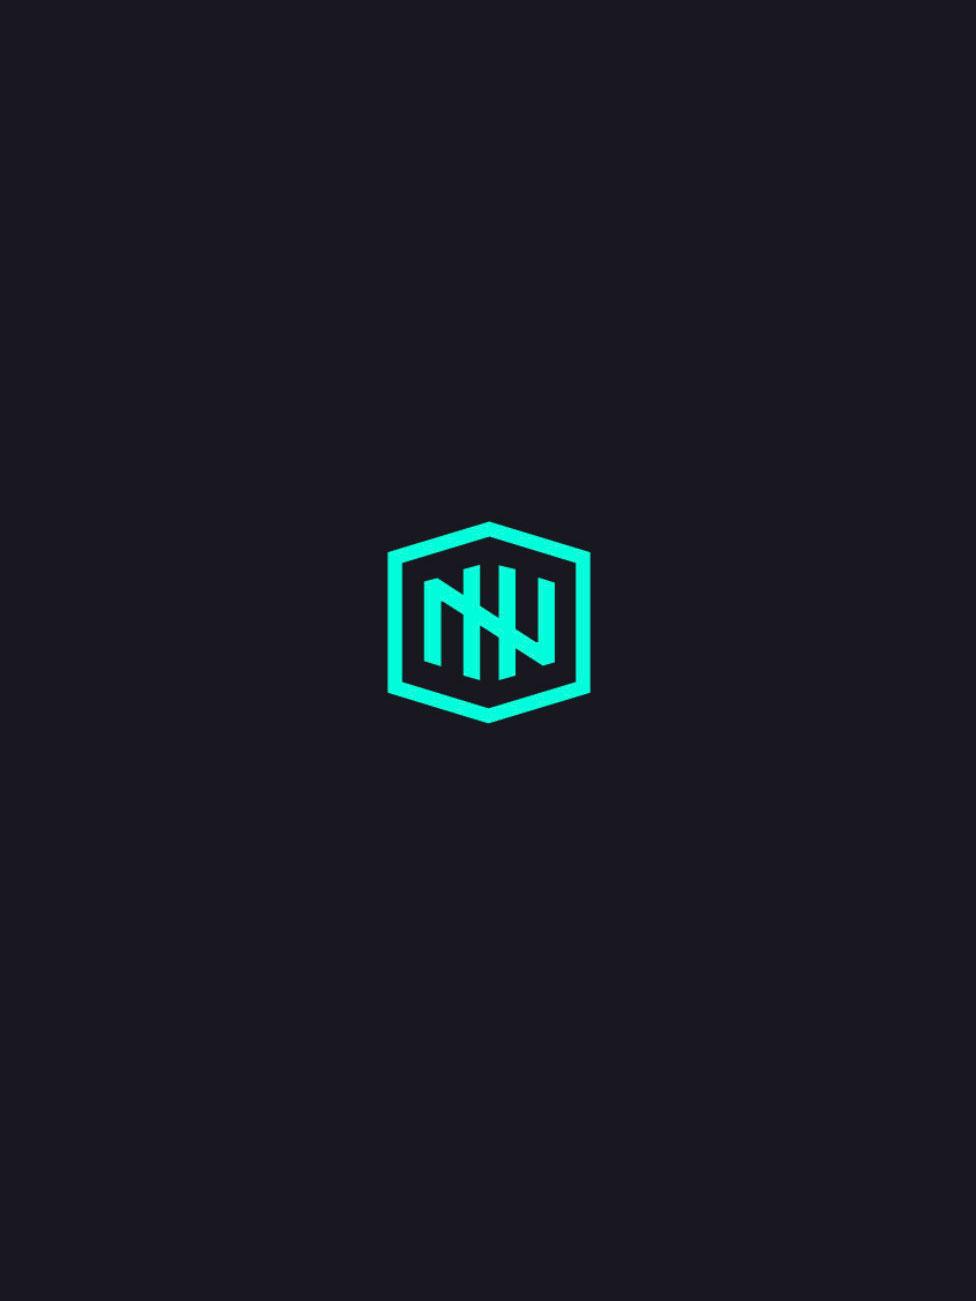 Notch App